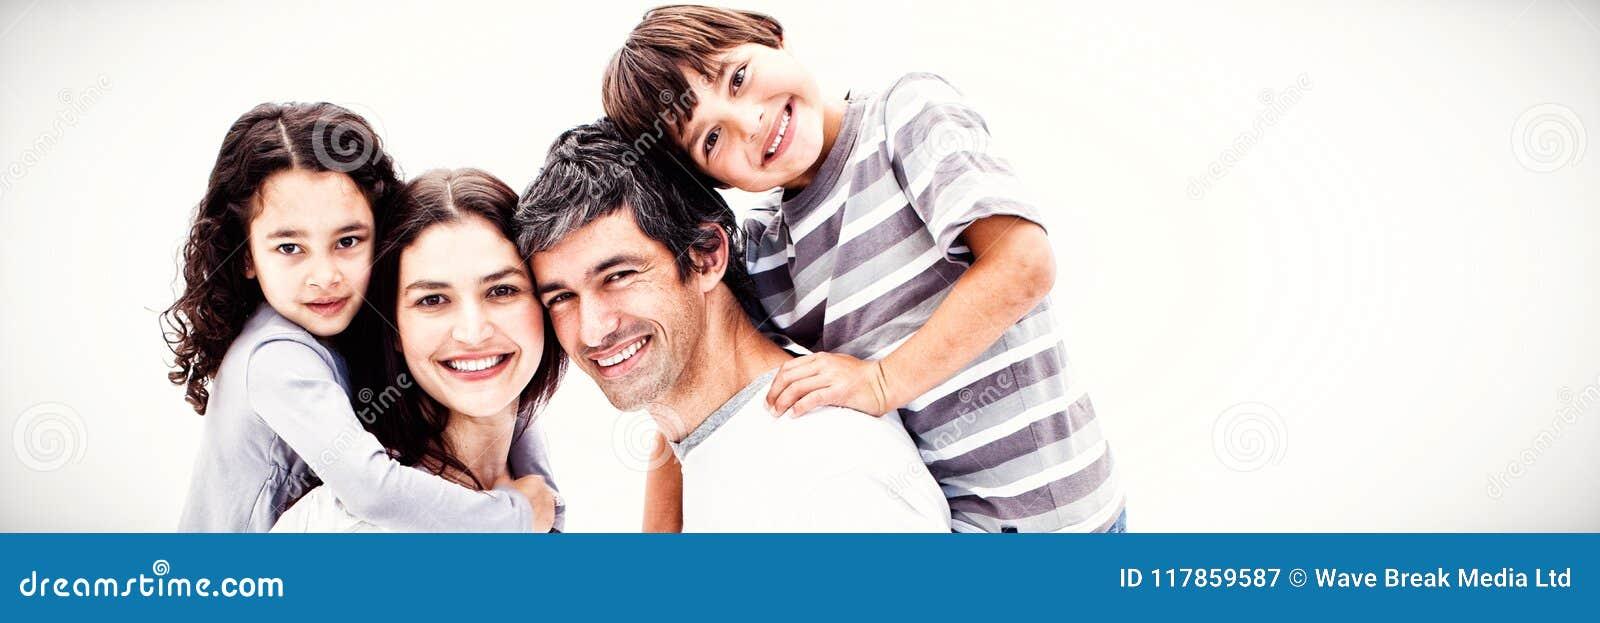 Ono uśmiecha się wychowywa dawać ich dzieciom piggyback przejażdżce